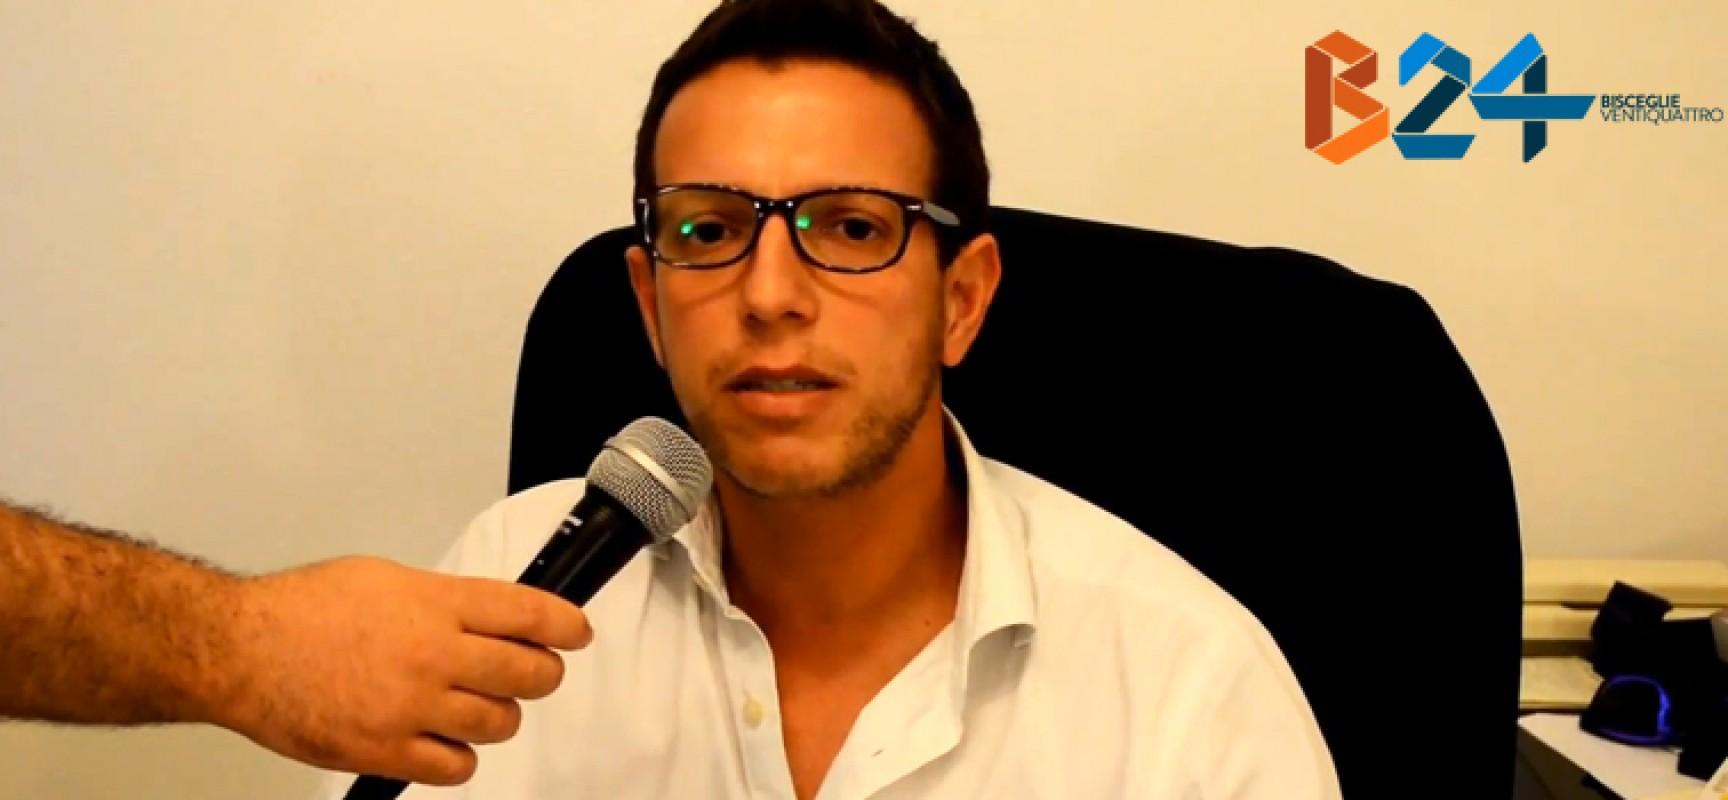 Organismo indipendente di controllo pronto a partire, il nuovo membro sarà l'avv. Dario Galantino